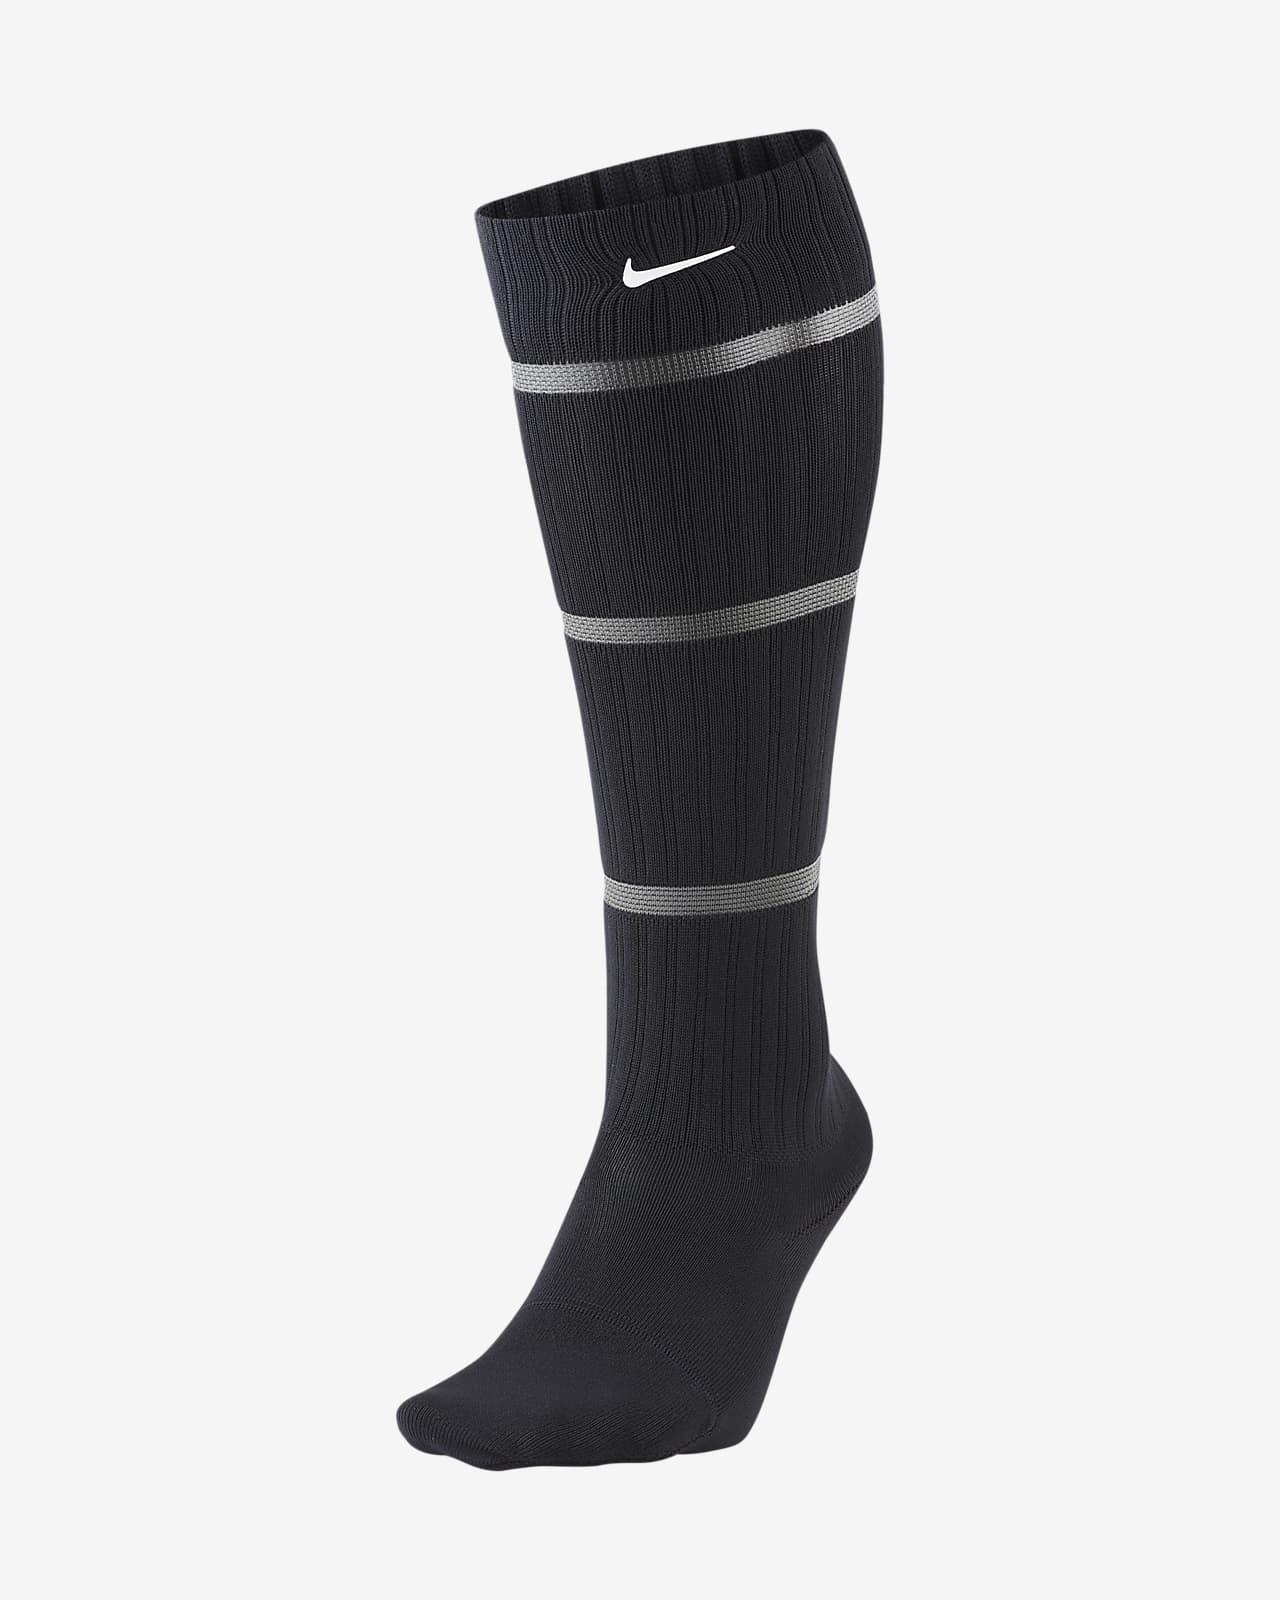 Nike One Mitjons per sobre dels bessons d'entrenament - Dona